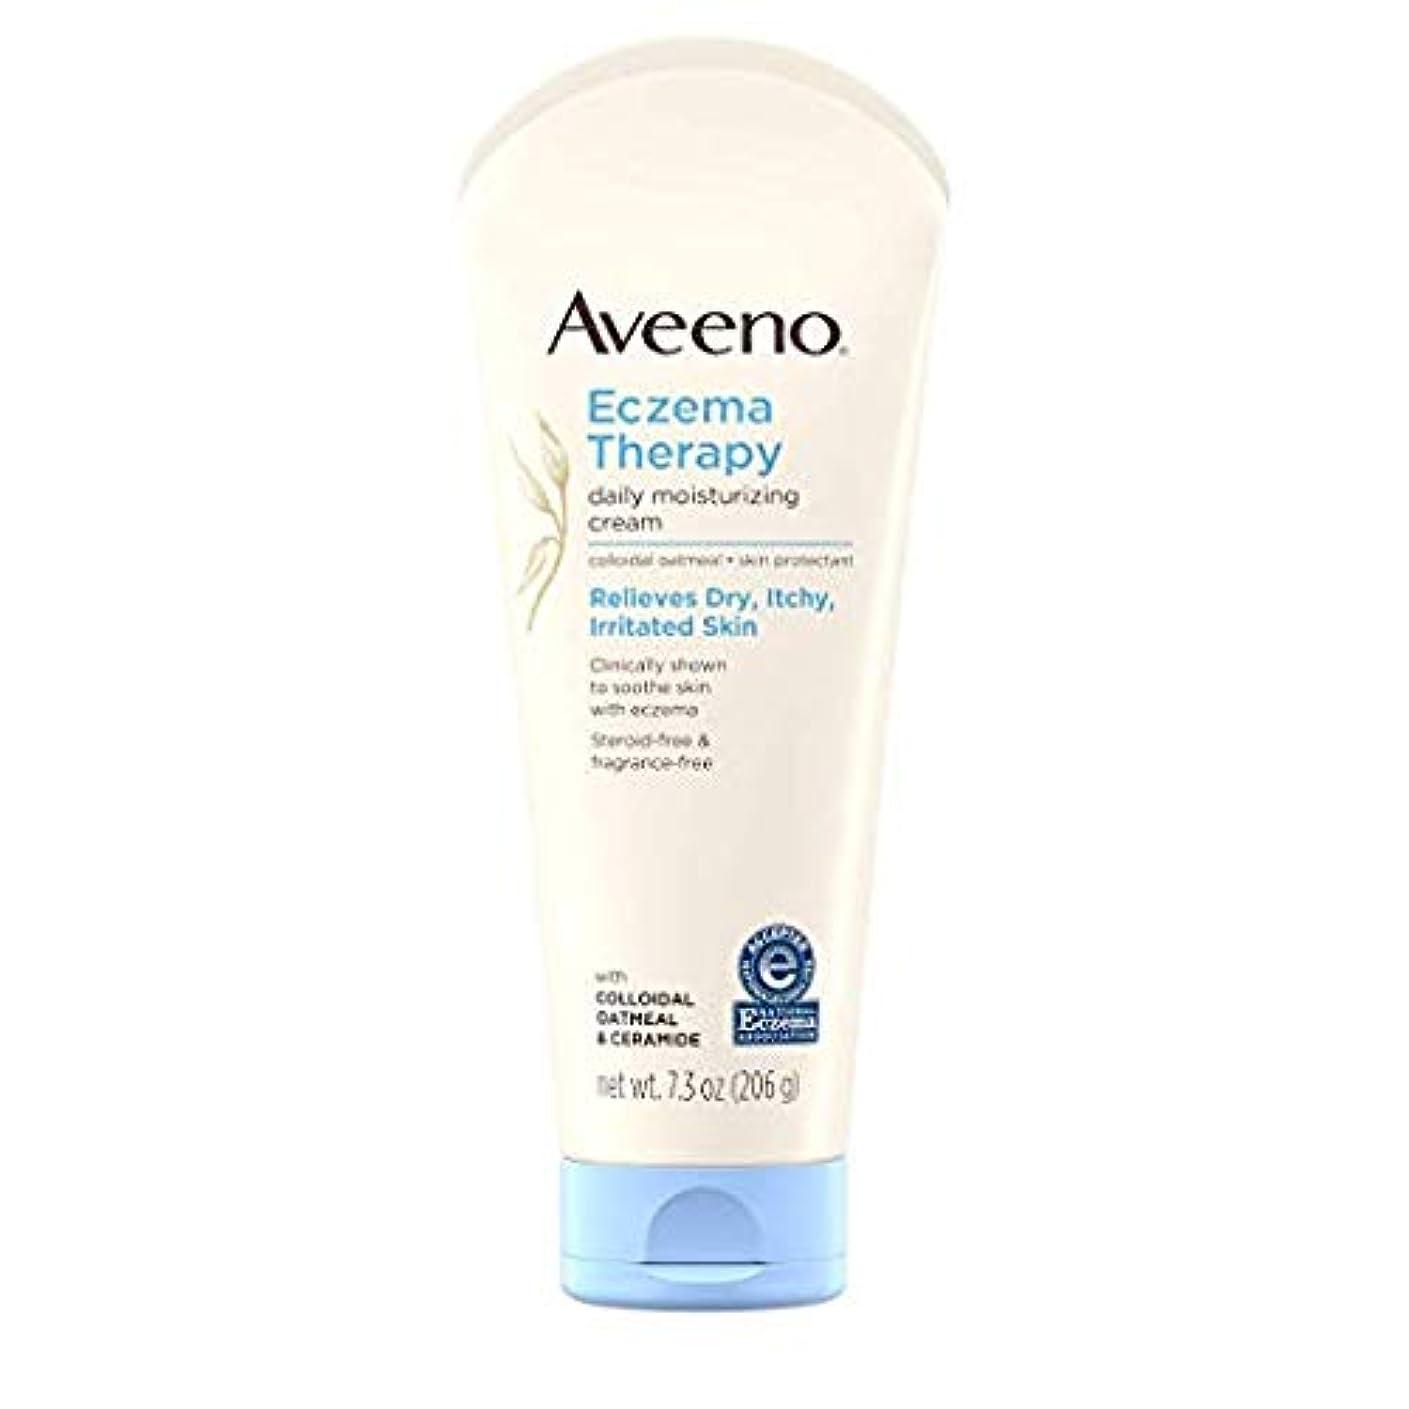 返済所属エンターテインメントAveeno - Eczema Therapy Moisturizing Cream - 7.3 oz (206 g) アビーノ 保湿クリーム [並行輸入品]